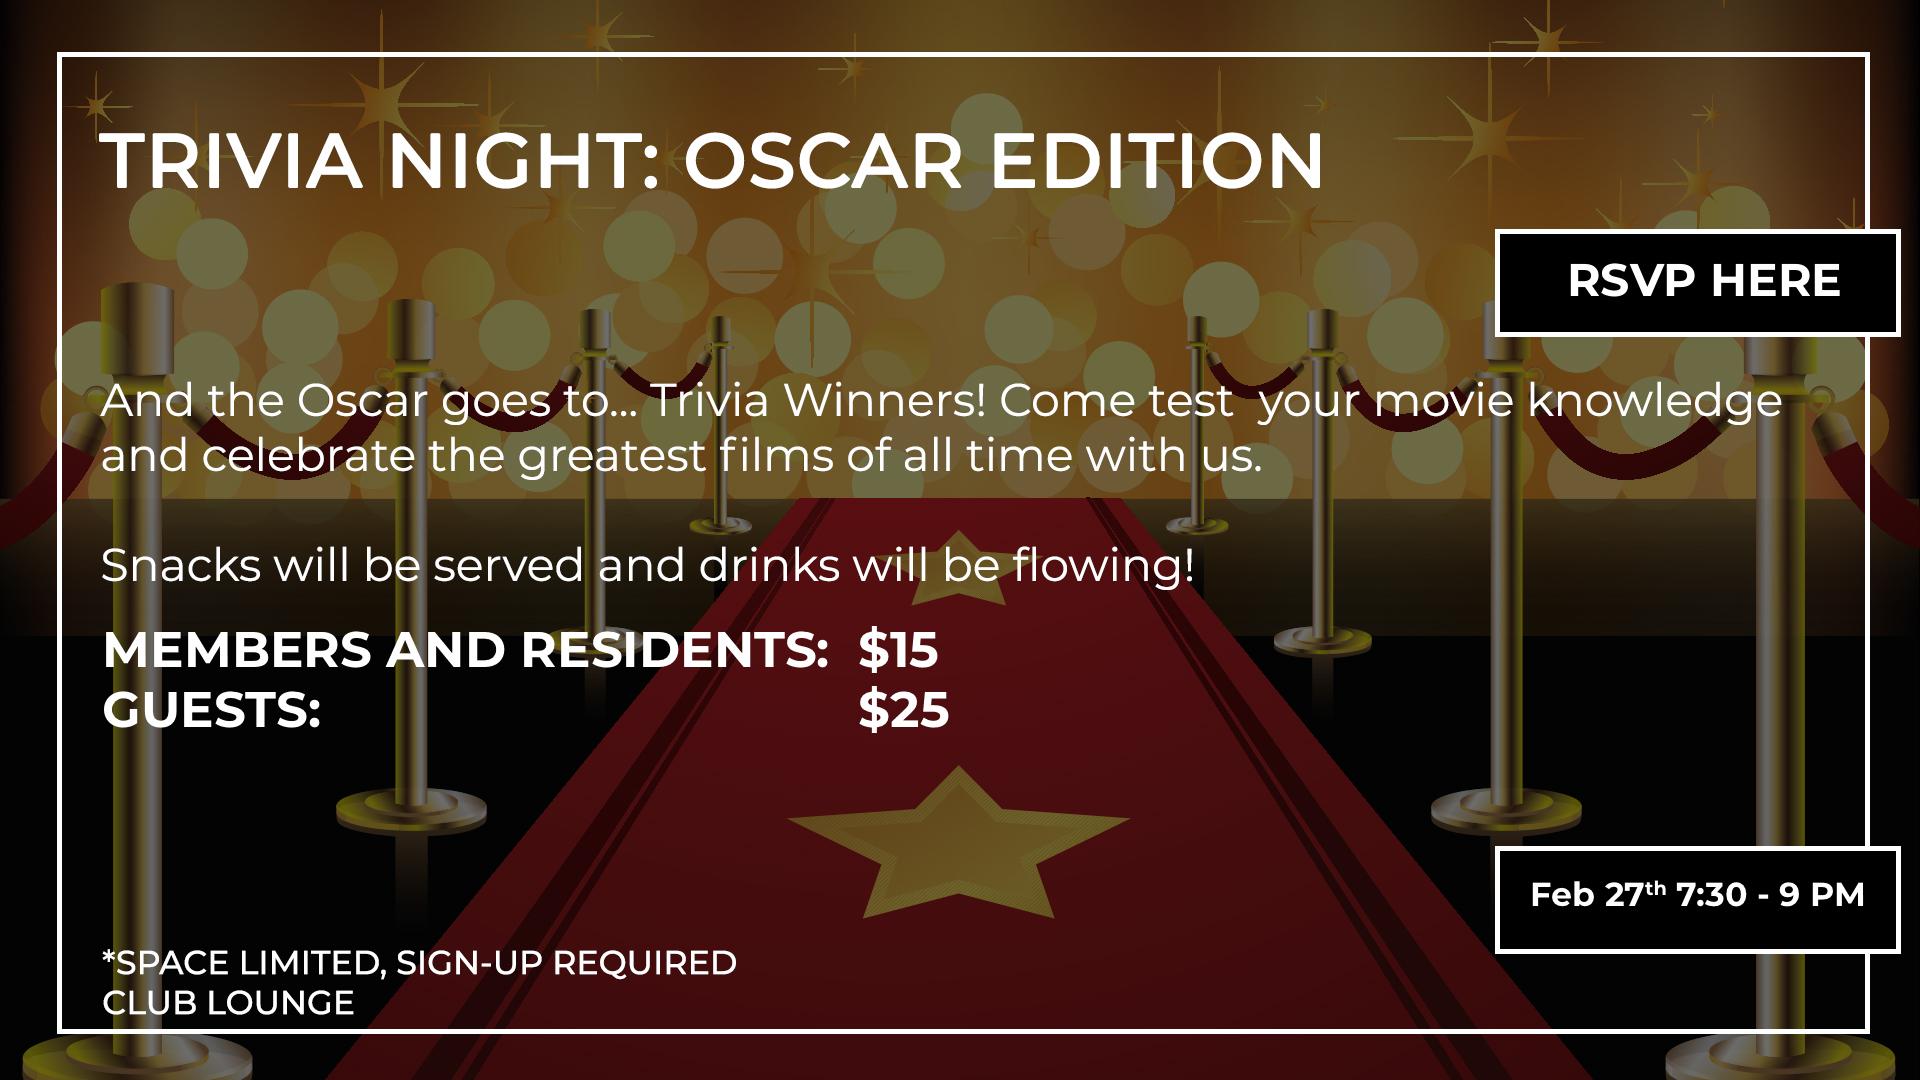 Trivia Night - Mercedes Club - Oscar Edition